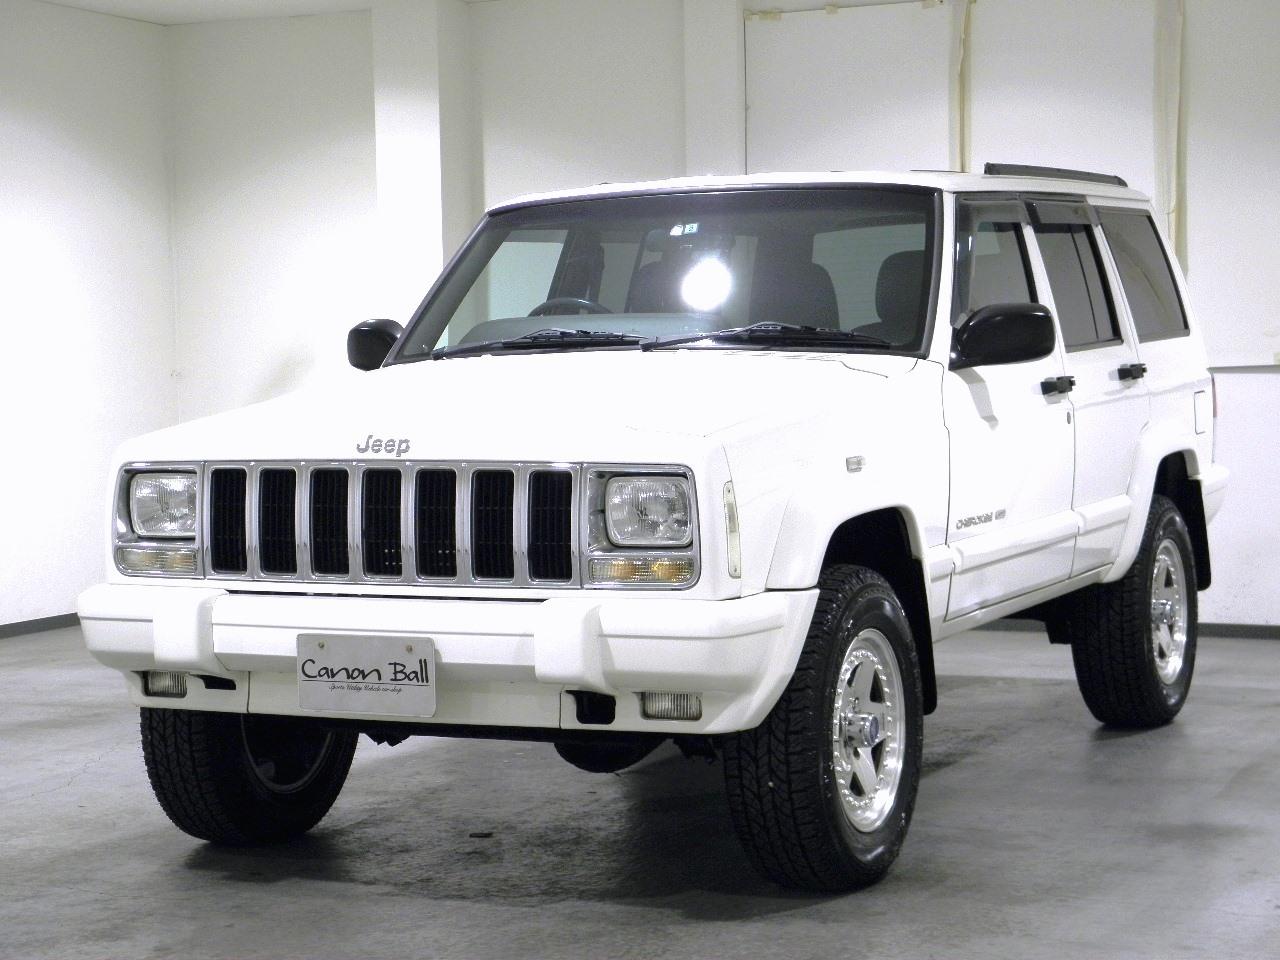 LTD リフトUP 黒本革シート&ウッドインテリア 【XJ型Jeep最終モデル】のイメージ画像です